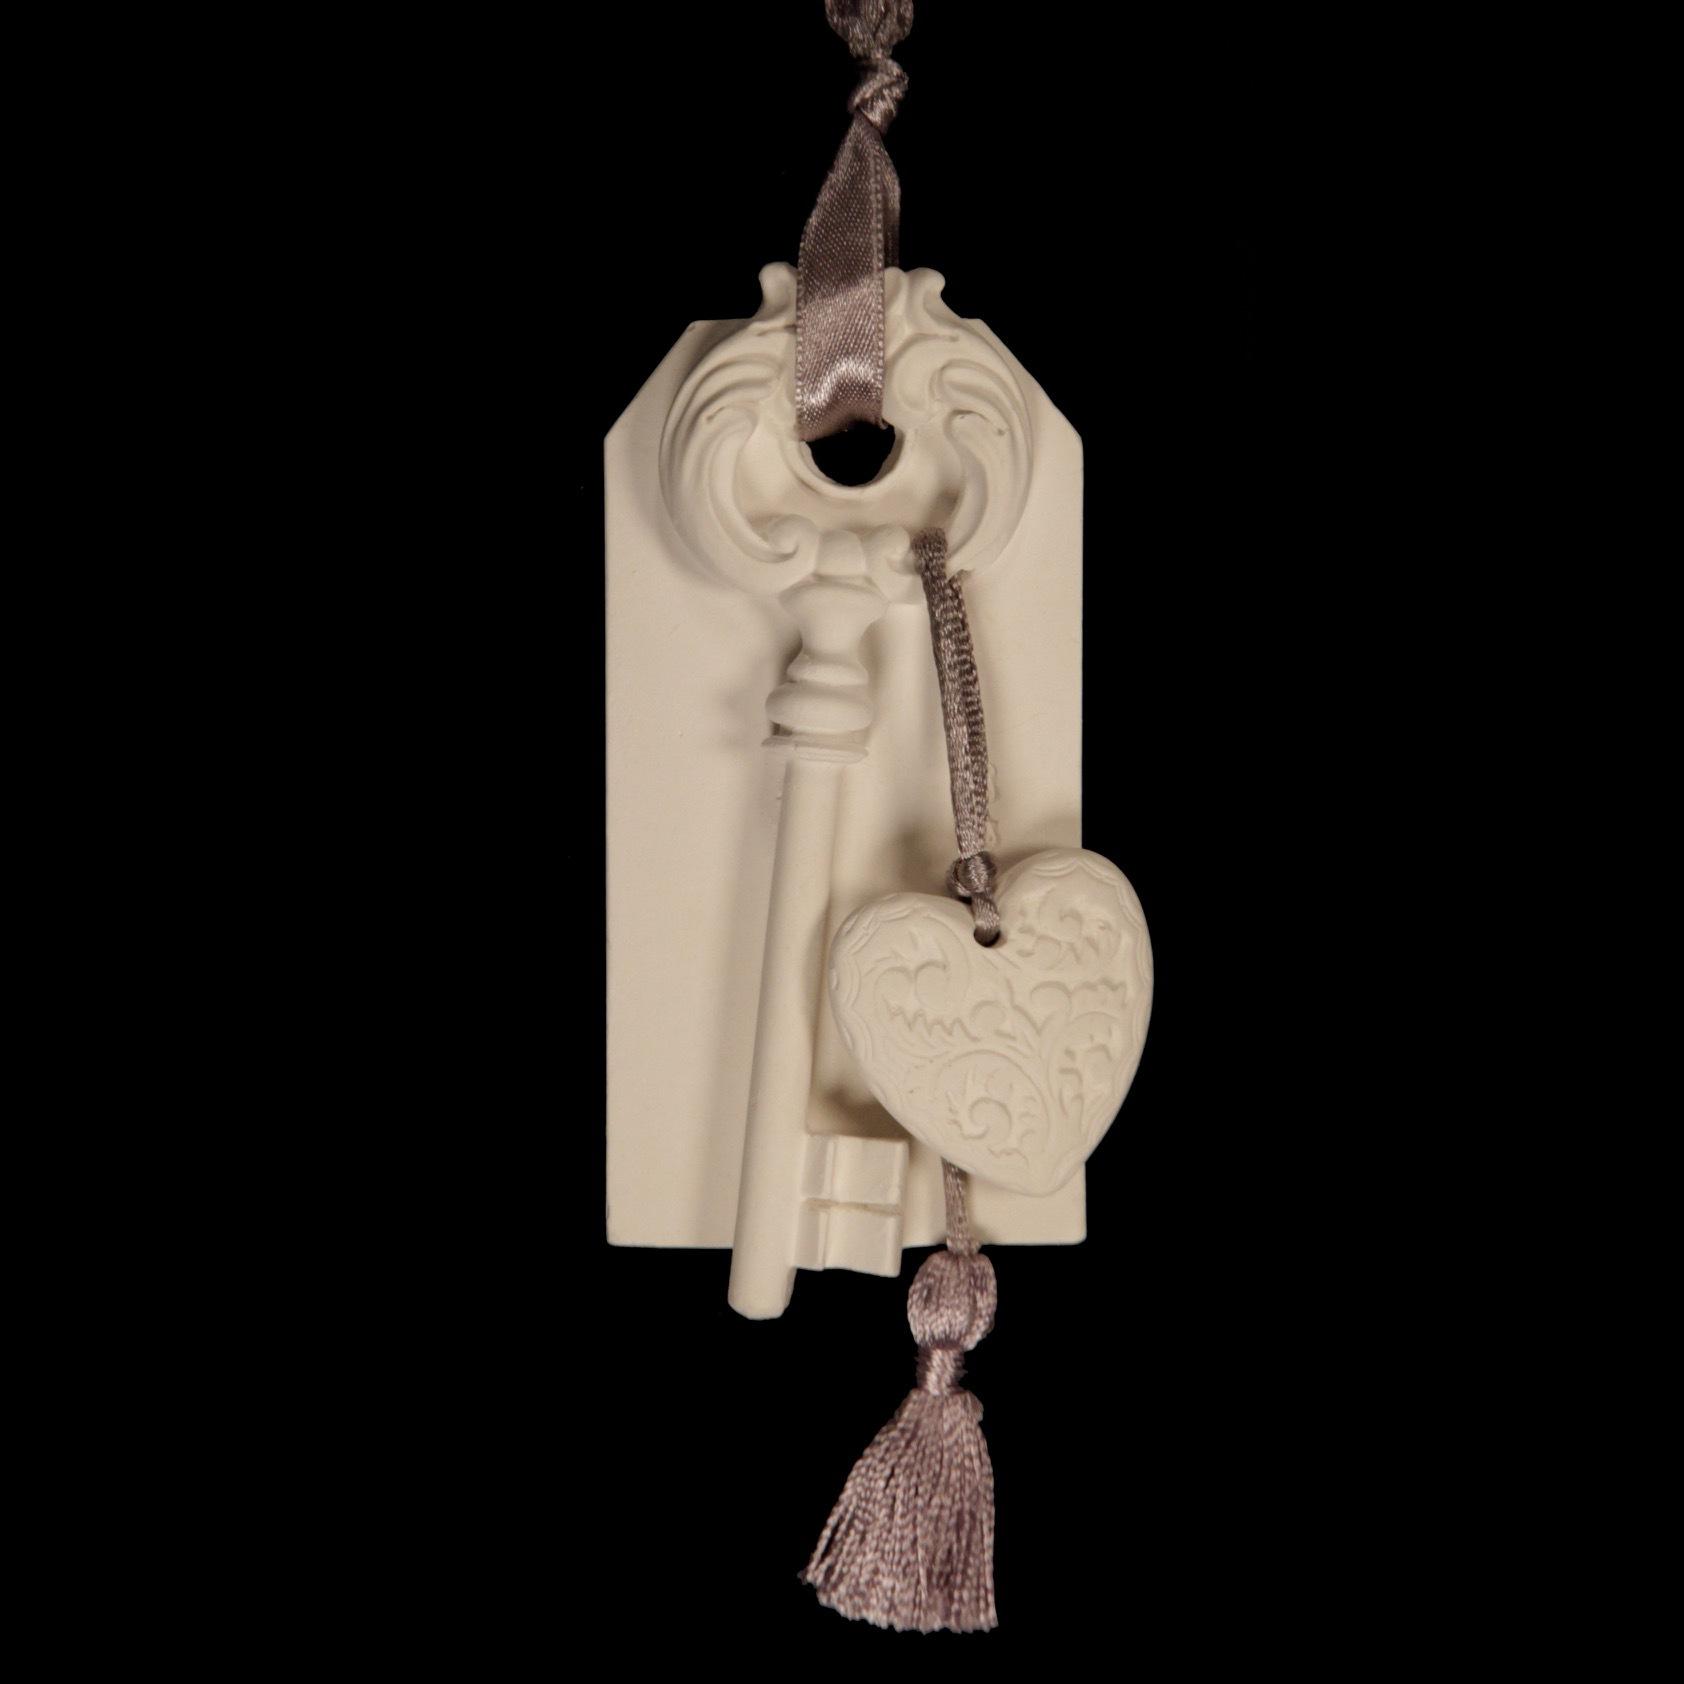 Керамическая подвеска - КЛЮЧИ